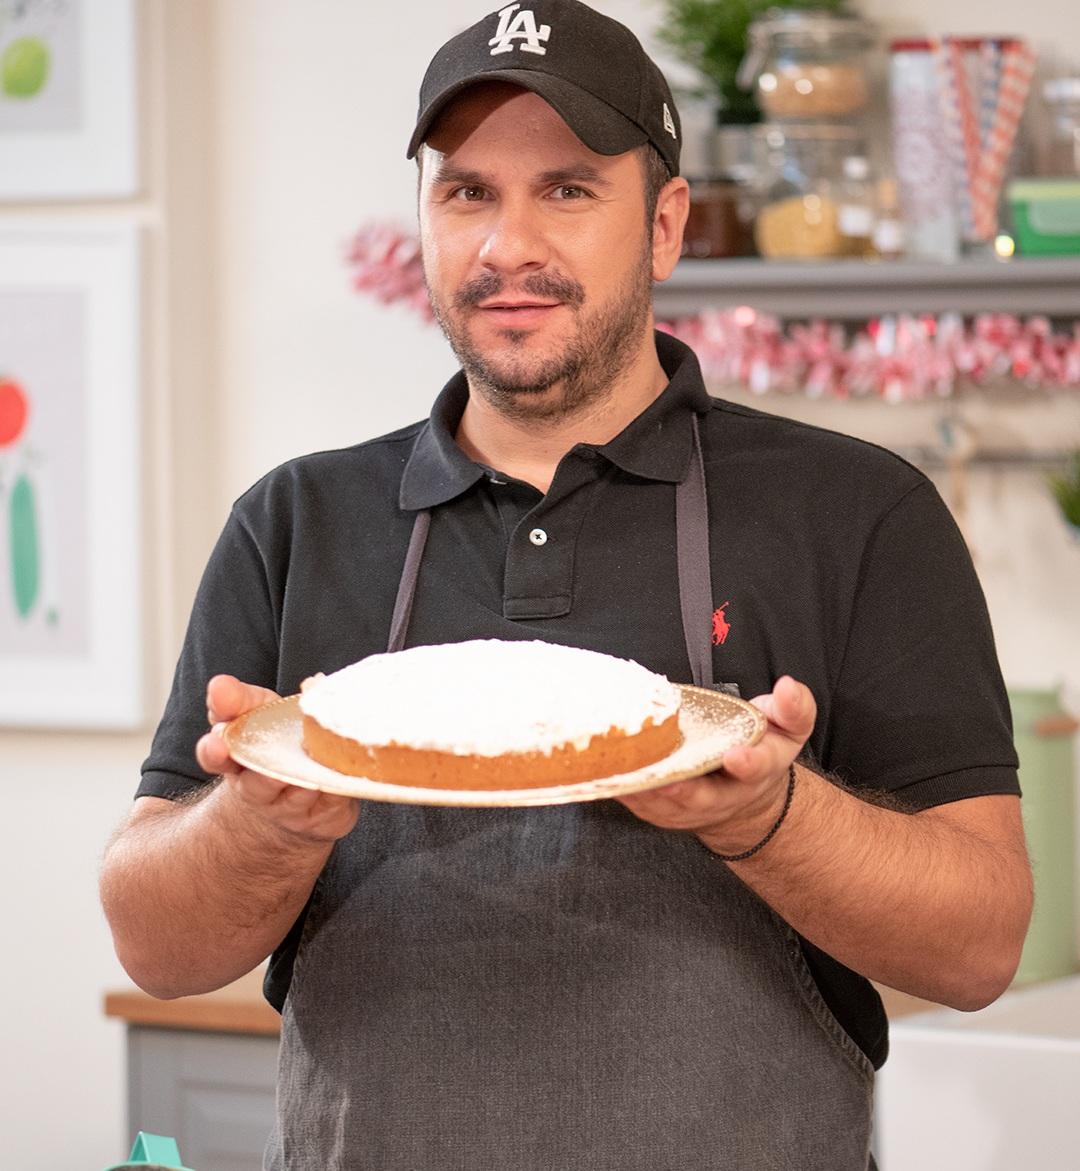 Ο Τάσος Αντωνίου μας δίνει τη συνταγή για την πιο αφράτη και πανεύκολη βασιλόπιτα! | tlife.gr